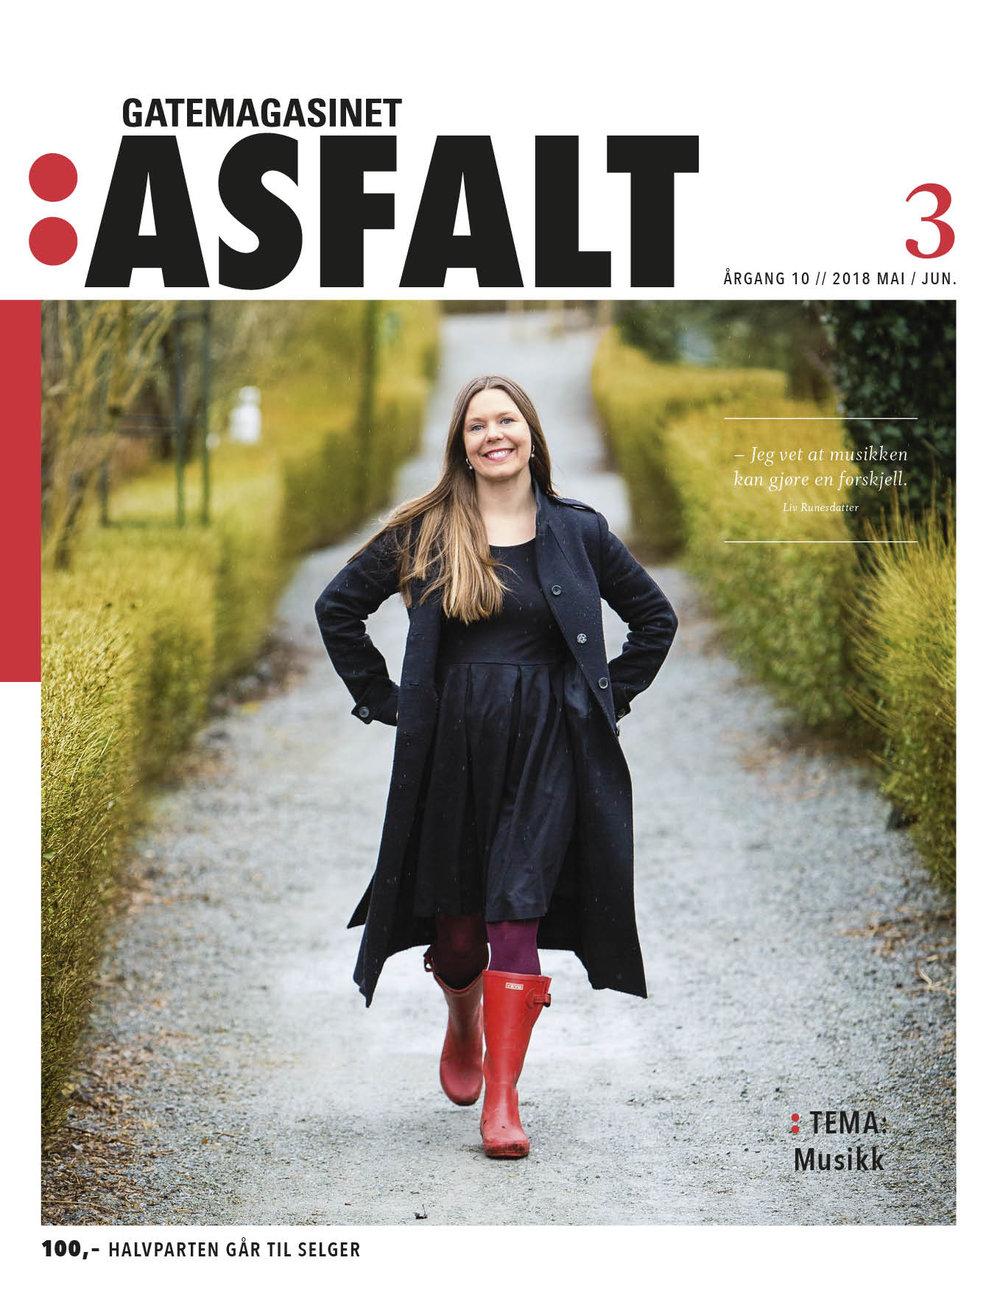 _Asfalt3-18_forside_til_magasinoversikt_nett.jpg